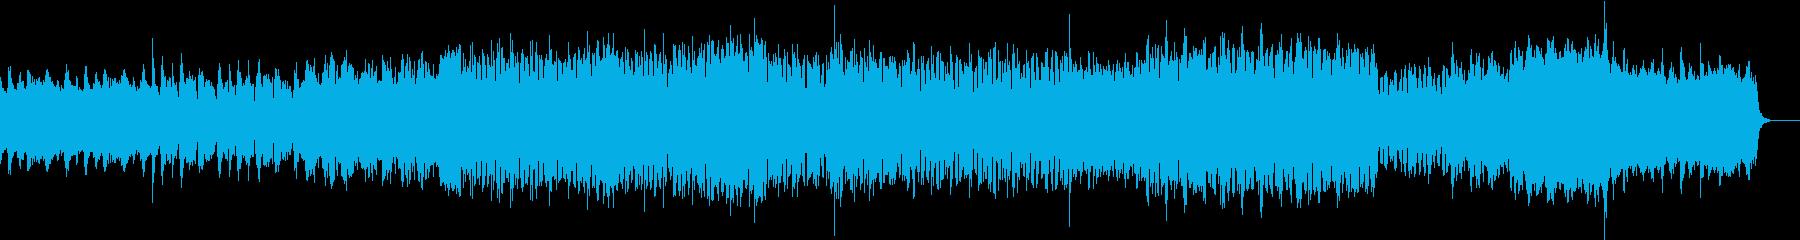 シューティングゲームにありそうな曲の再生済みの波形